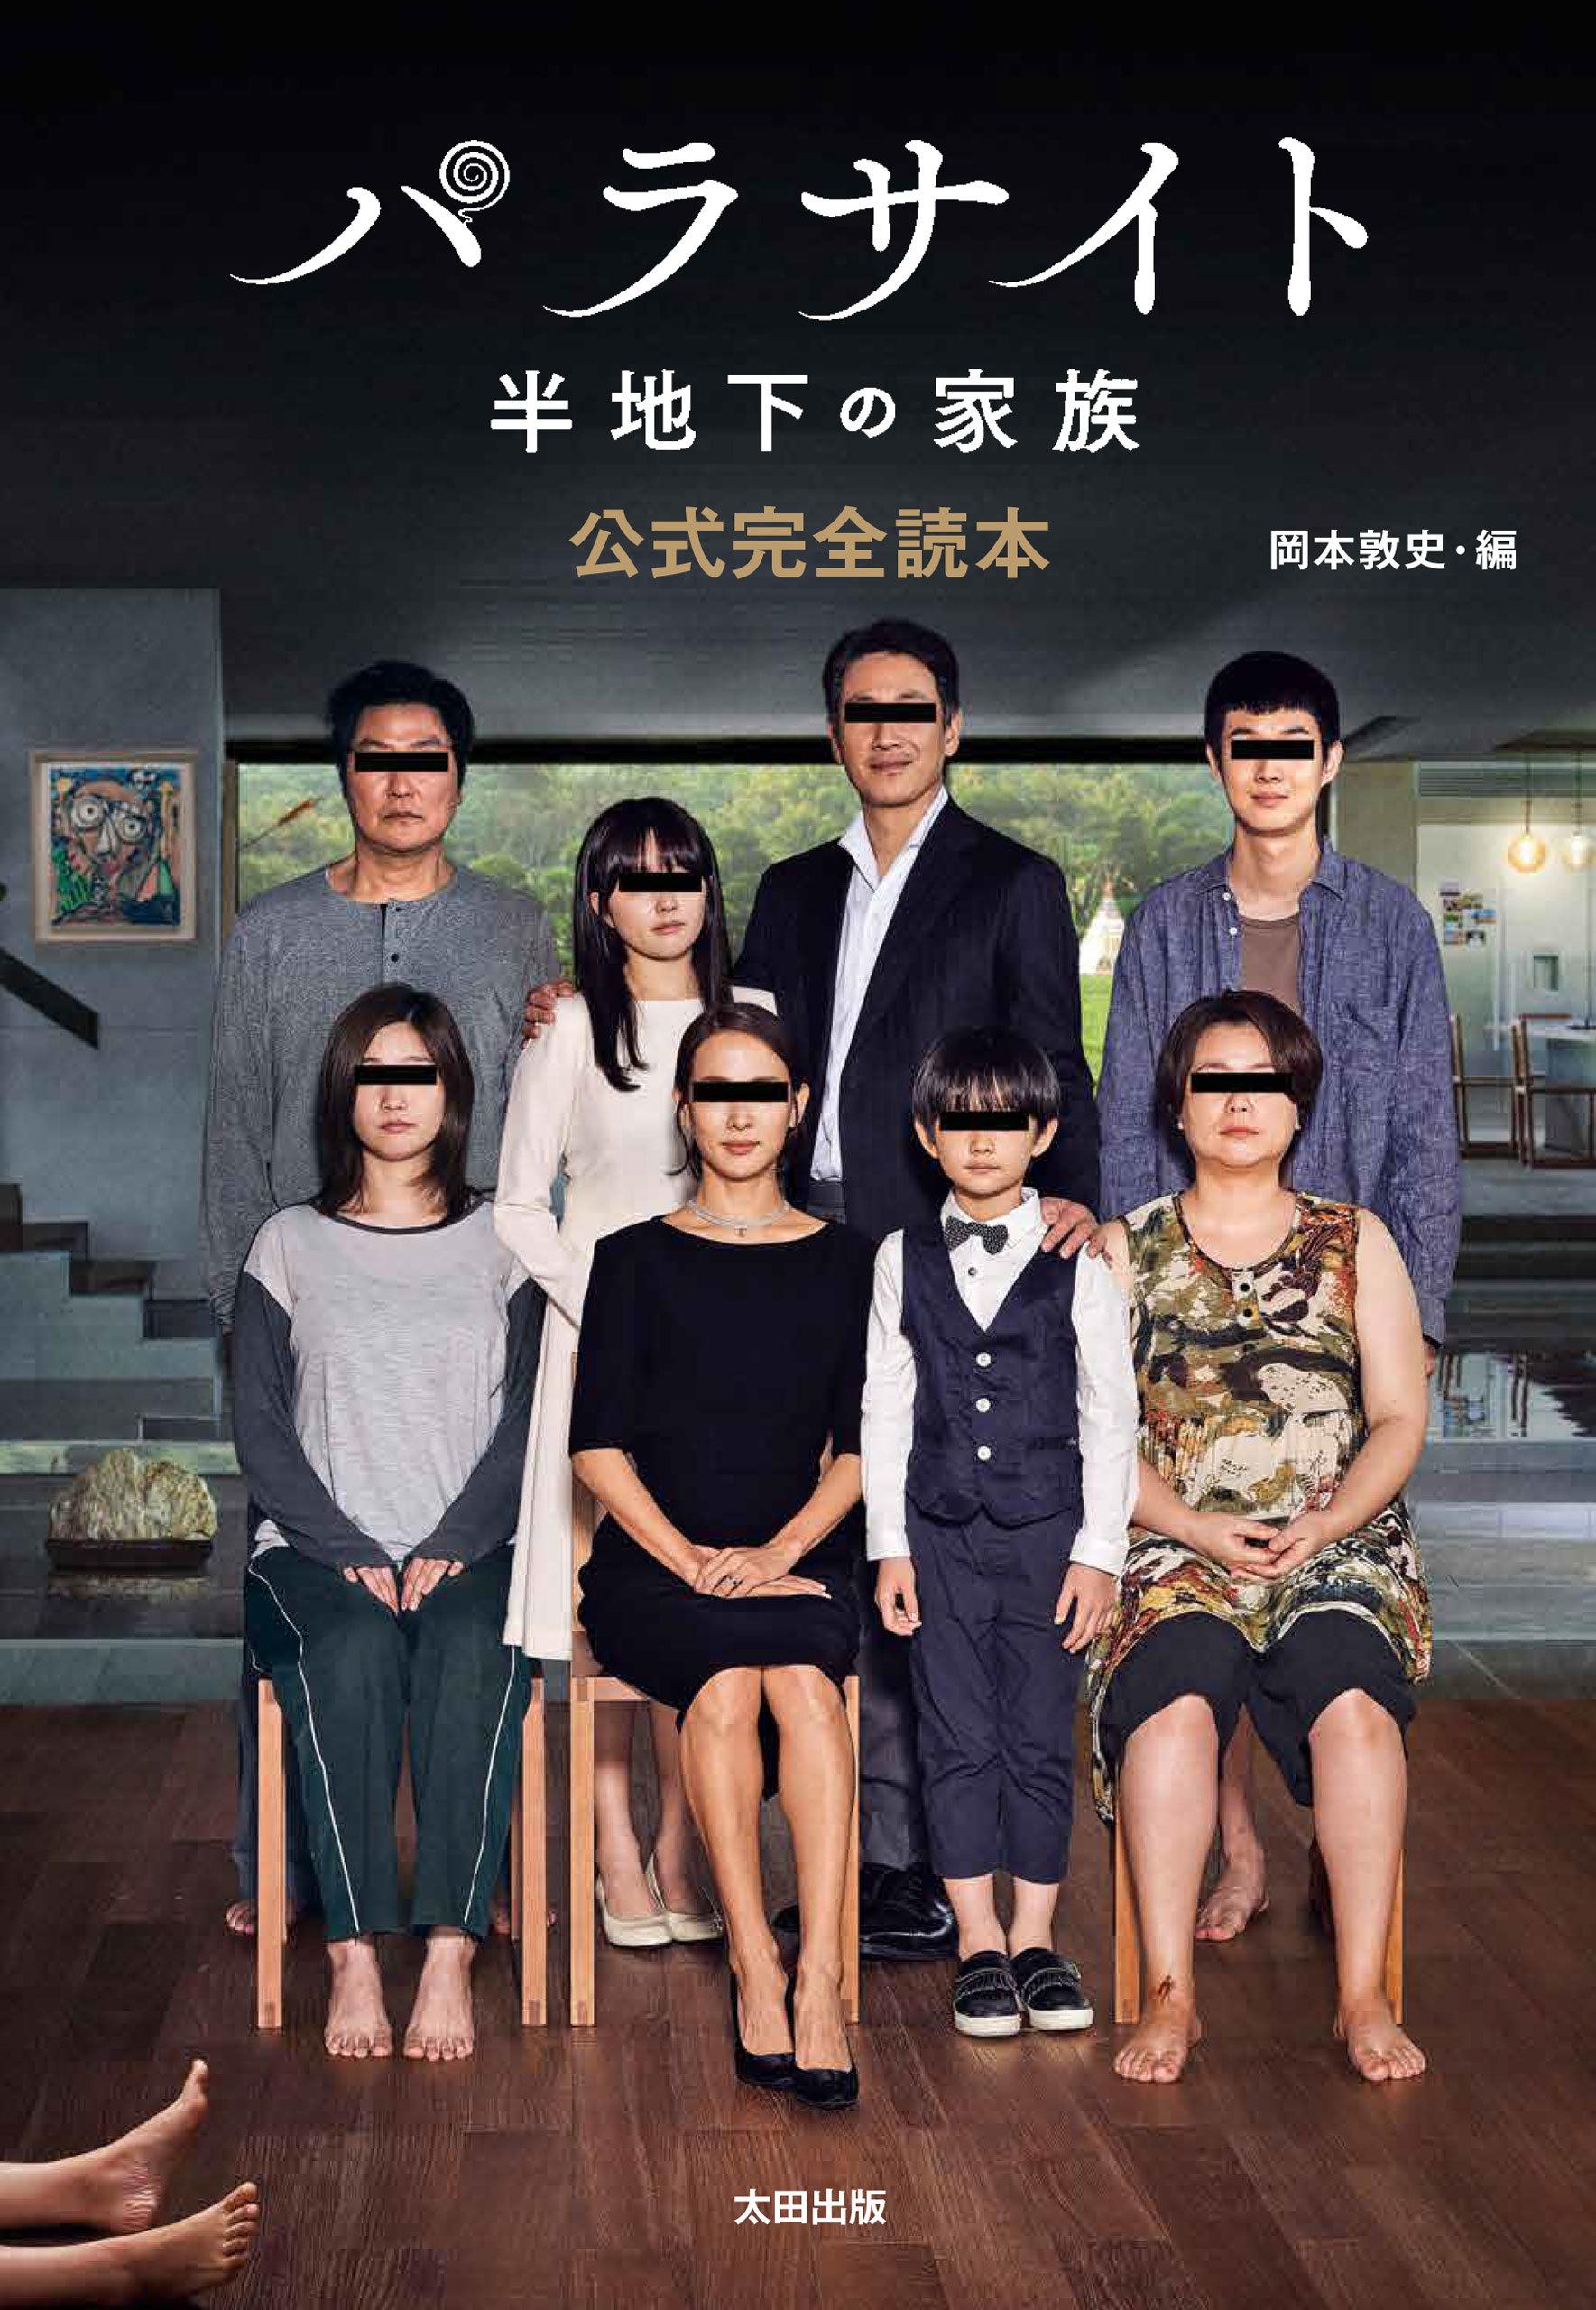 『パラサイト 半地下の家族 公式完全読本』太田出版刊